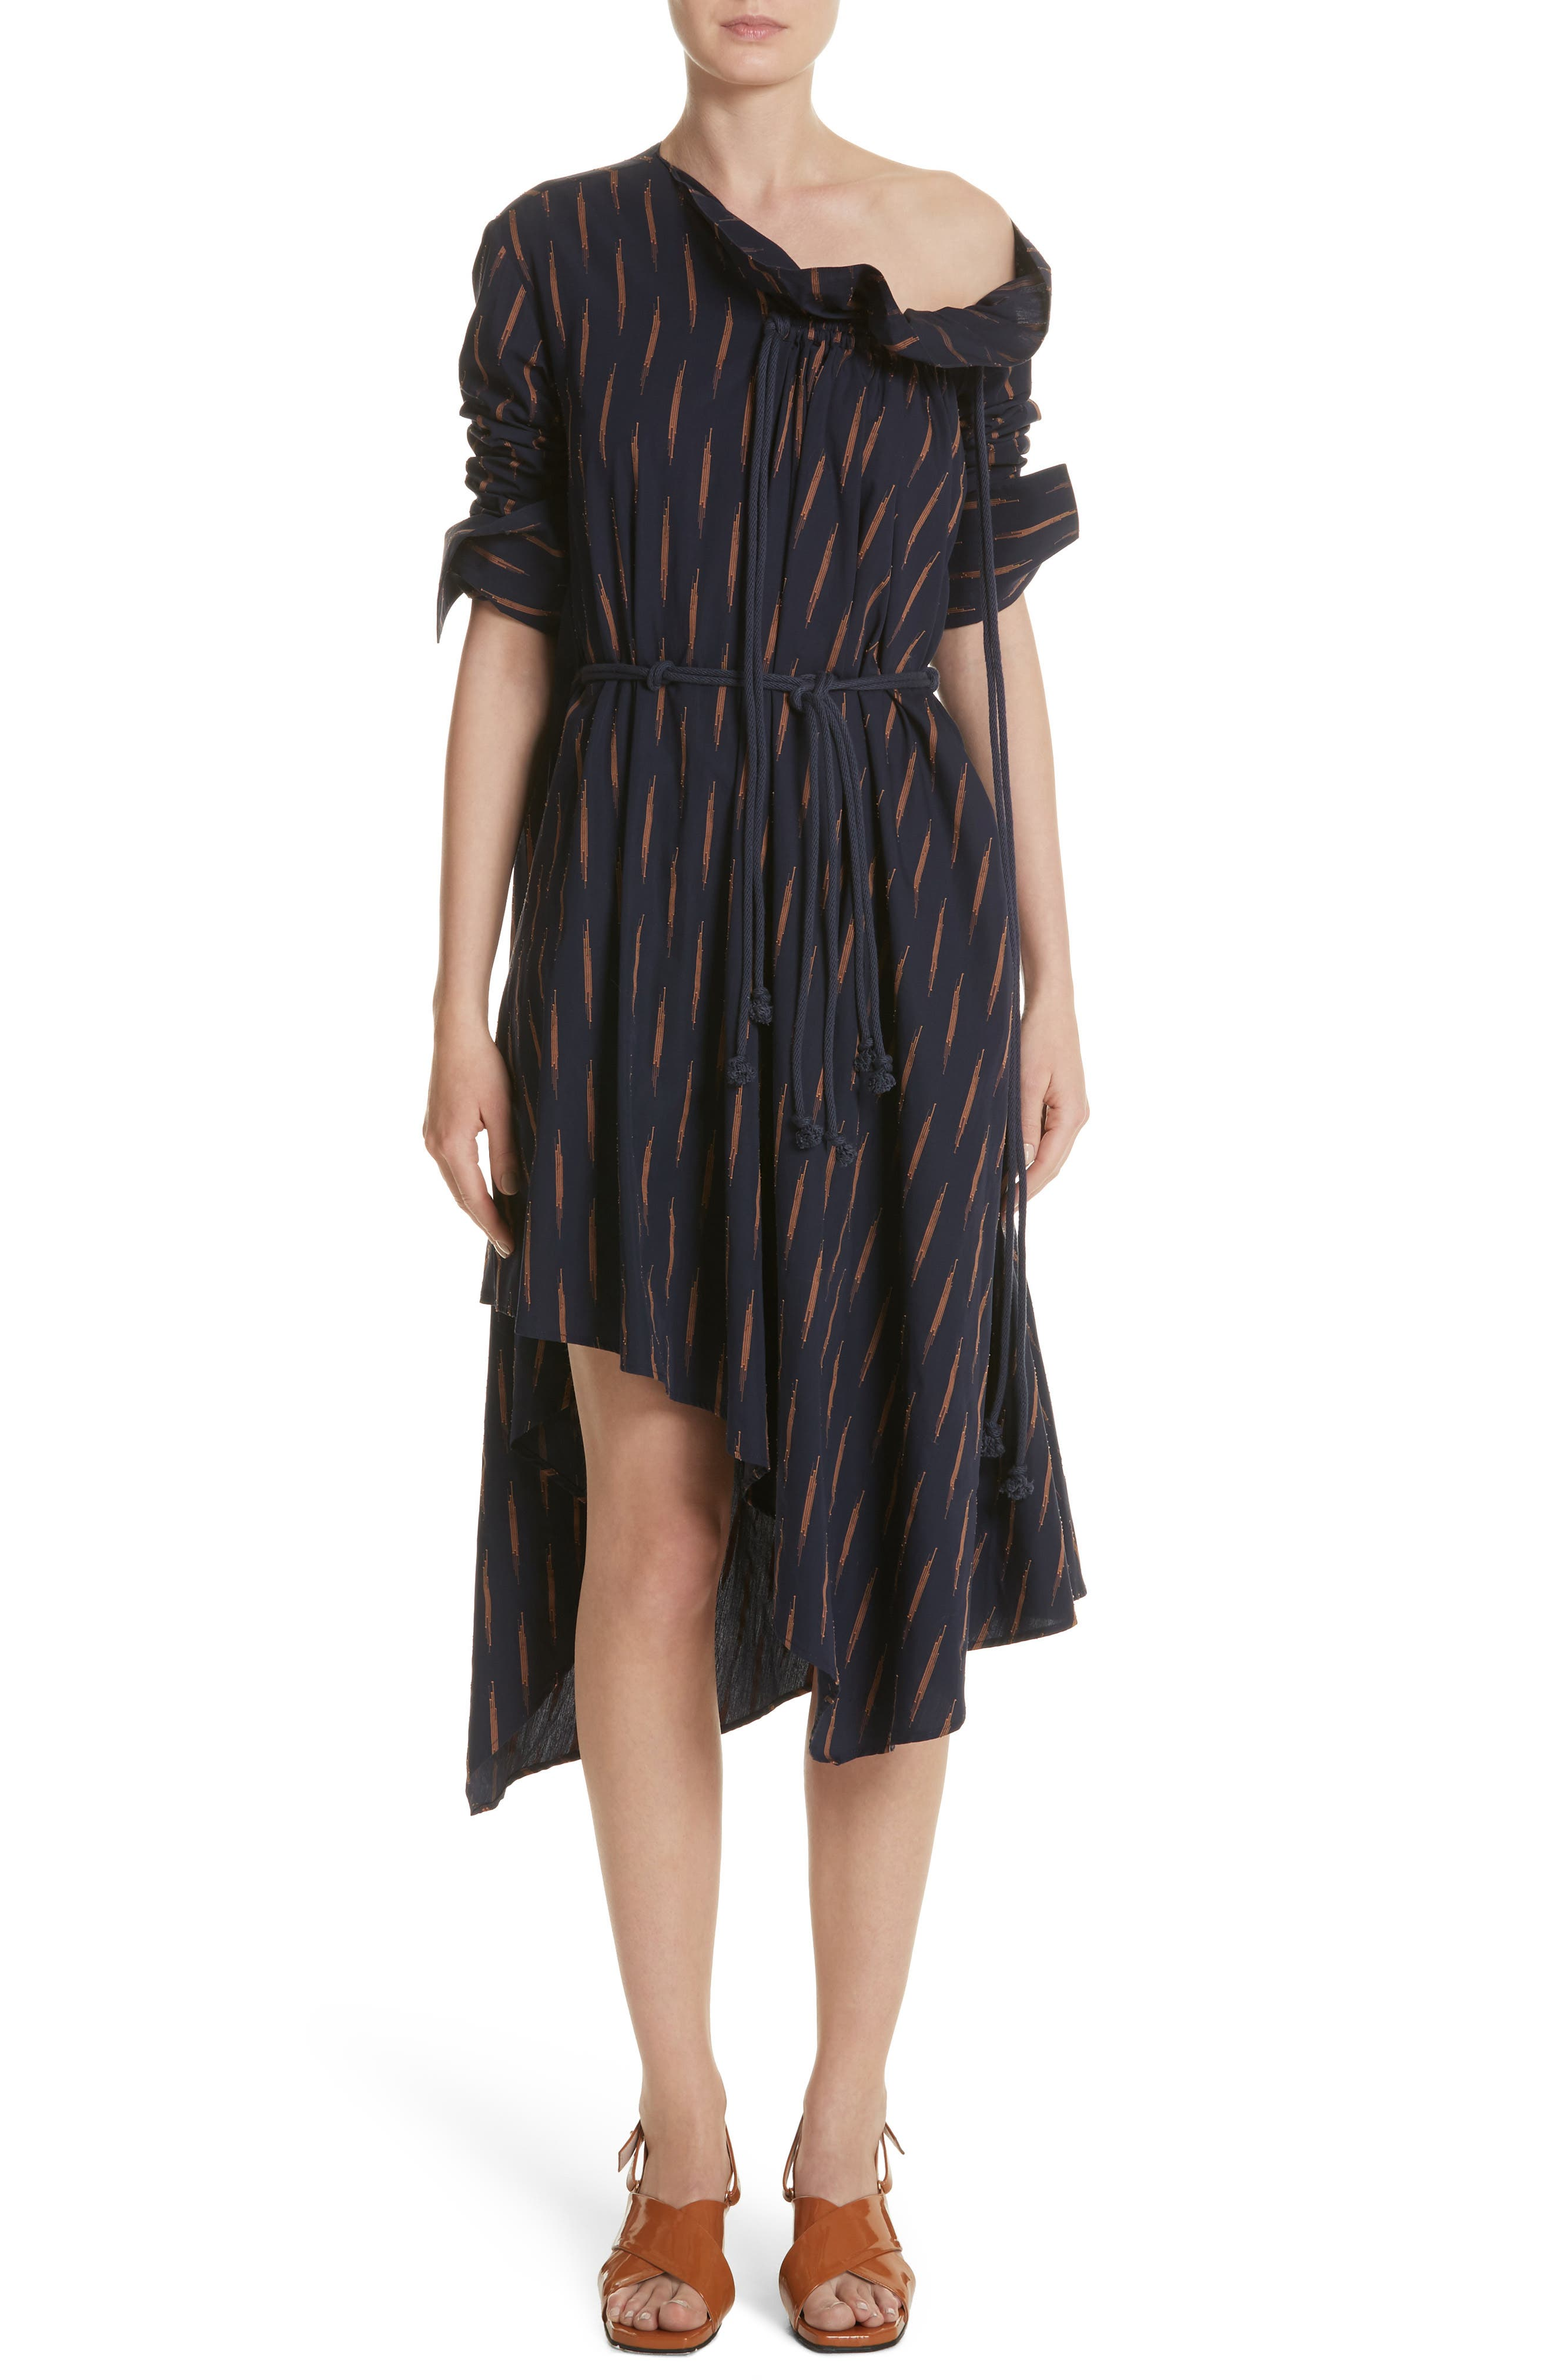 Alternate Image 1 Selected - PALMER//HARDING Gallery One-Shoulder Dress